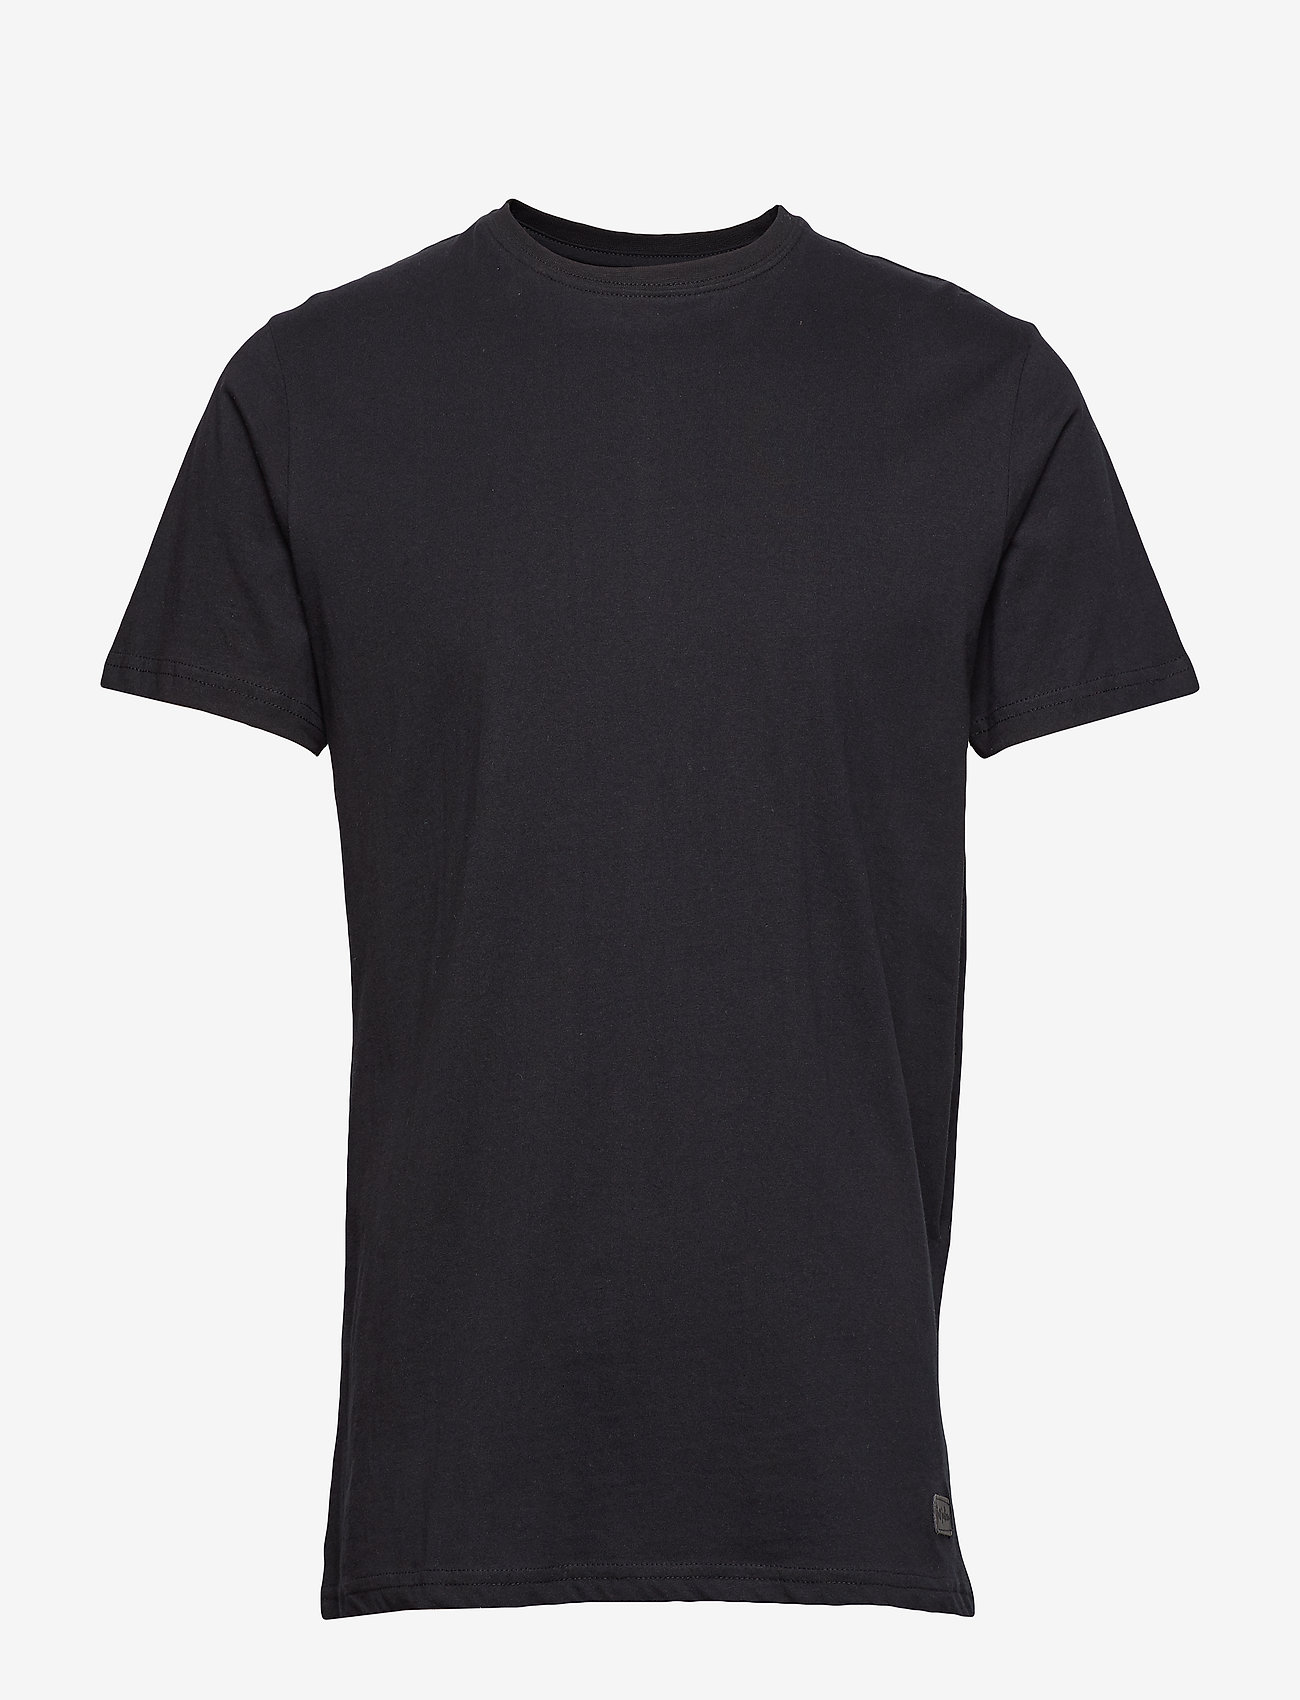 Just Junkies Ganger - T-skjorter BLACK - Menn Klær